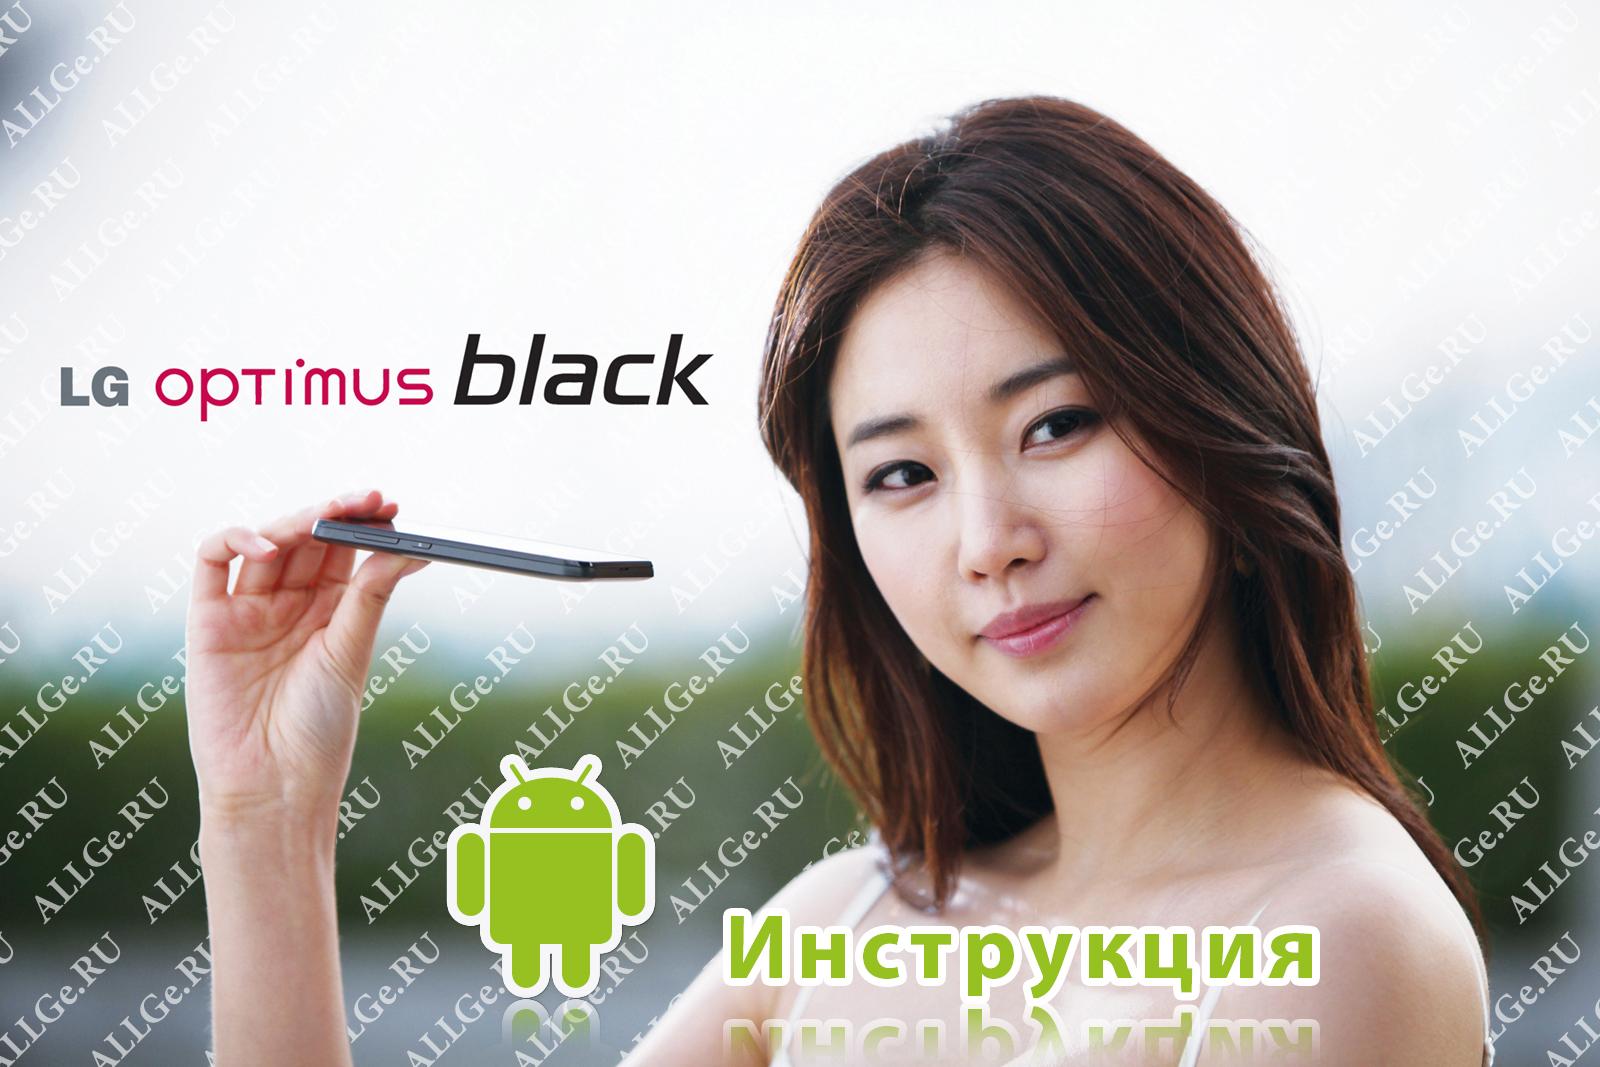 Инструкция по прошивке FLS файлом телефона LG Optimus Black P970 в ОС Windows 7.